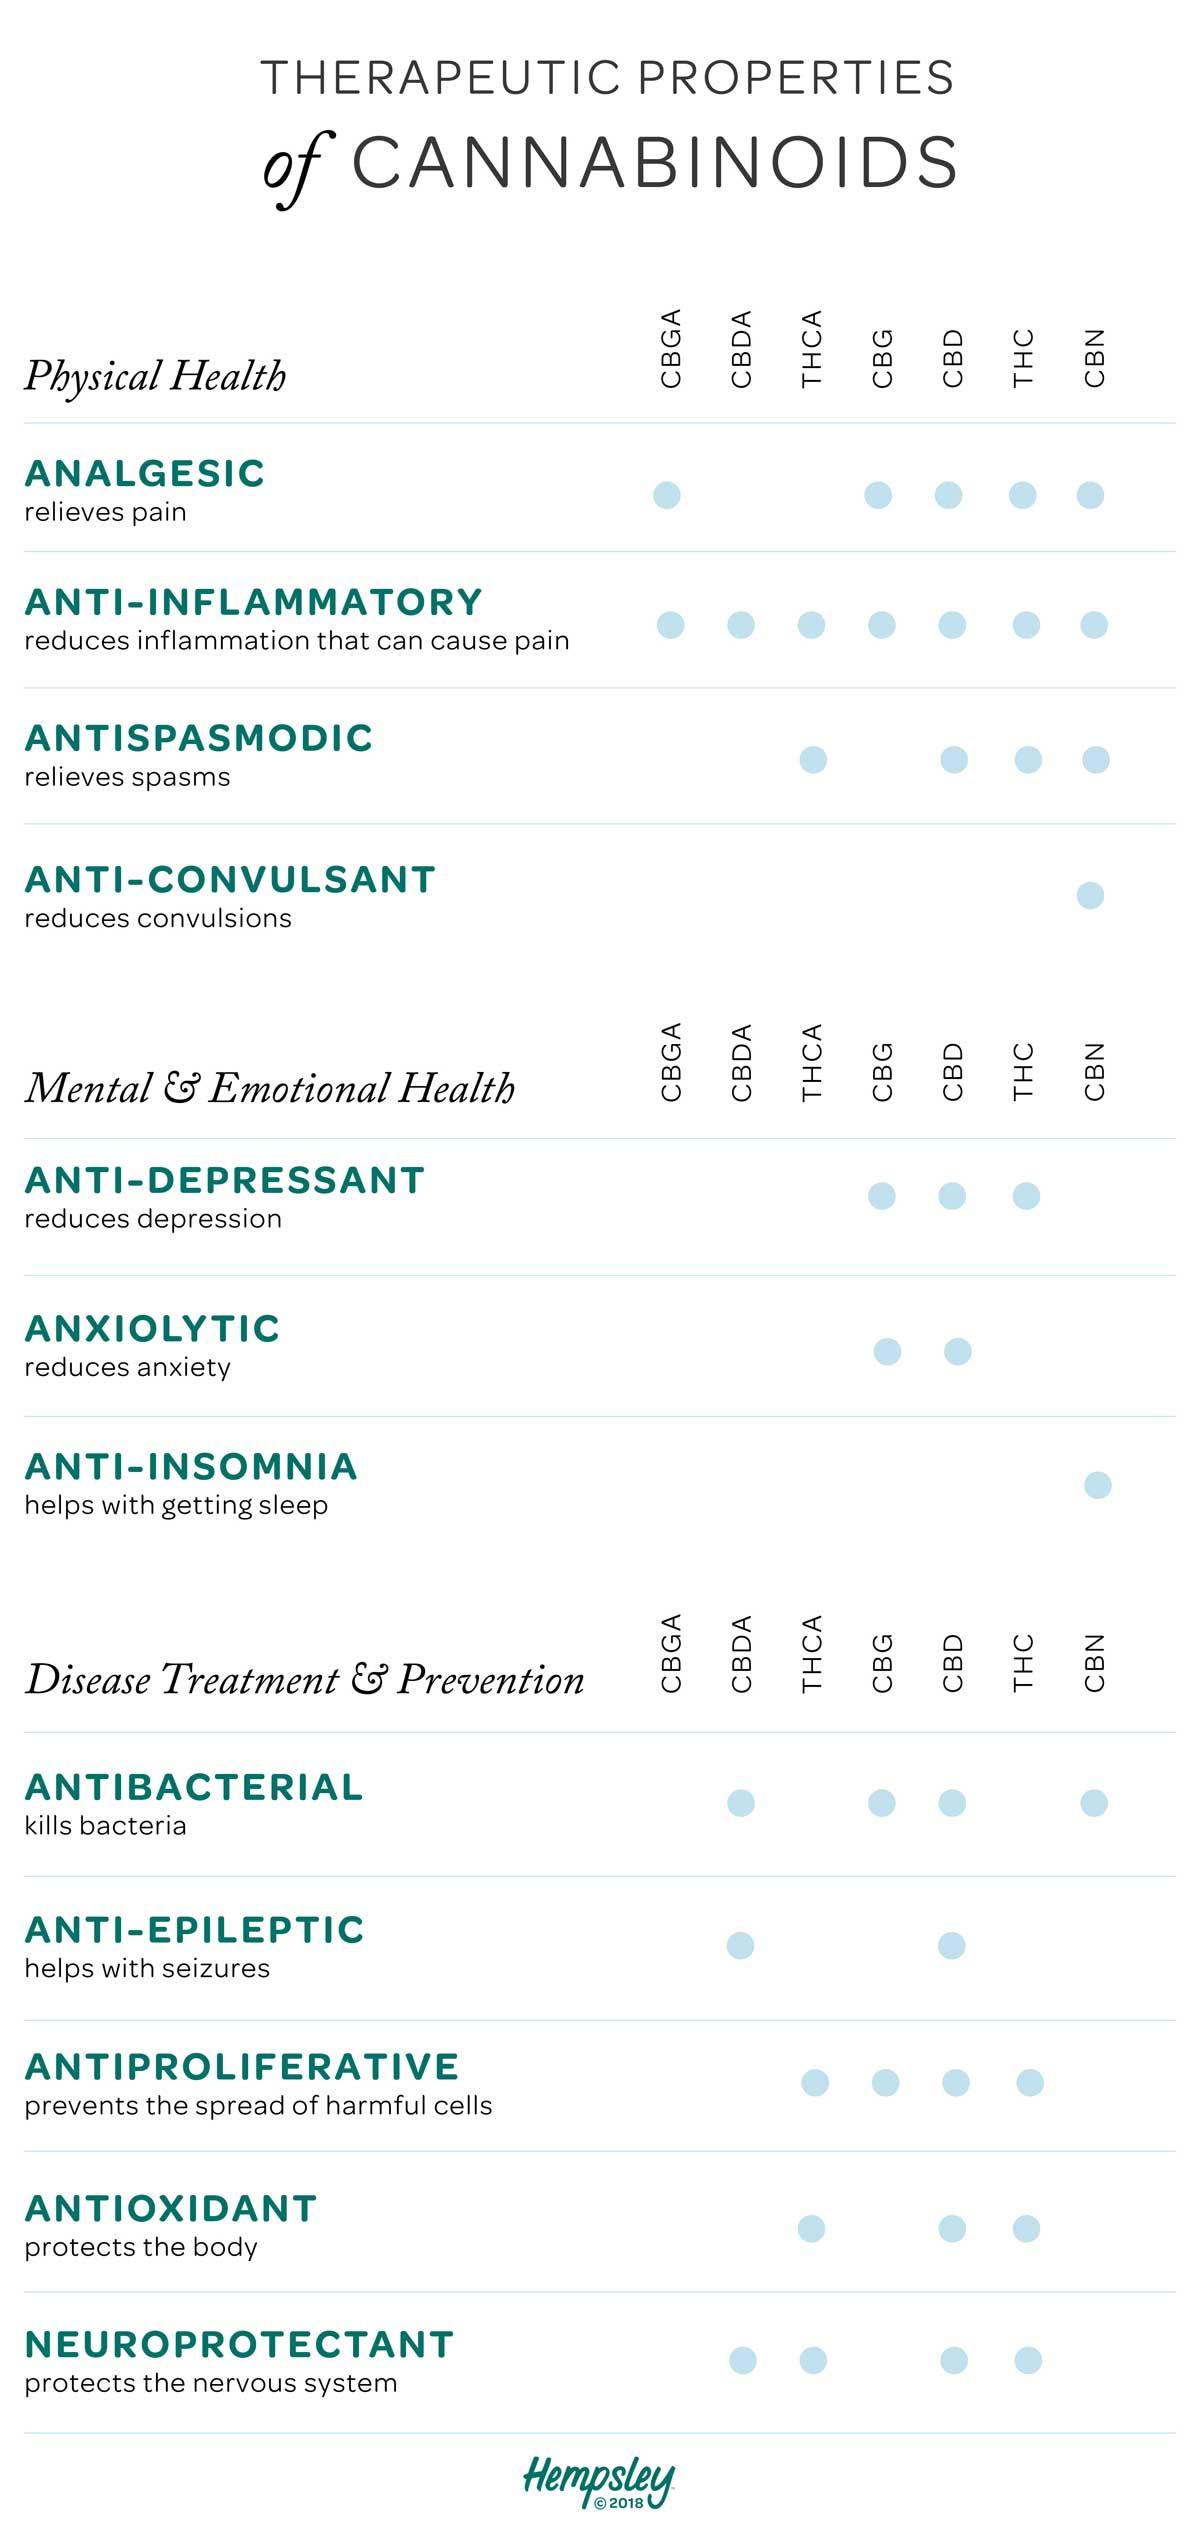 therapeutic-properties-cannabinoids-hempsley